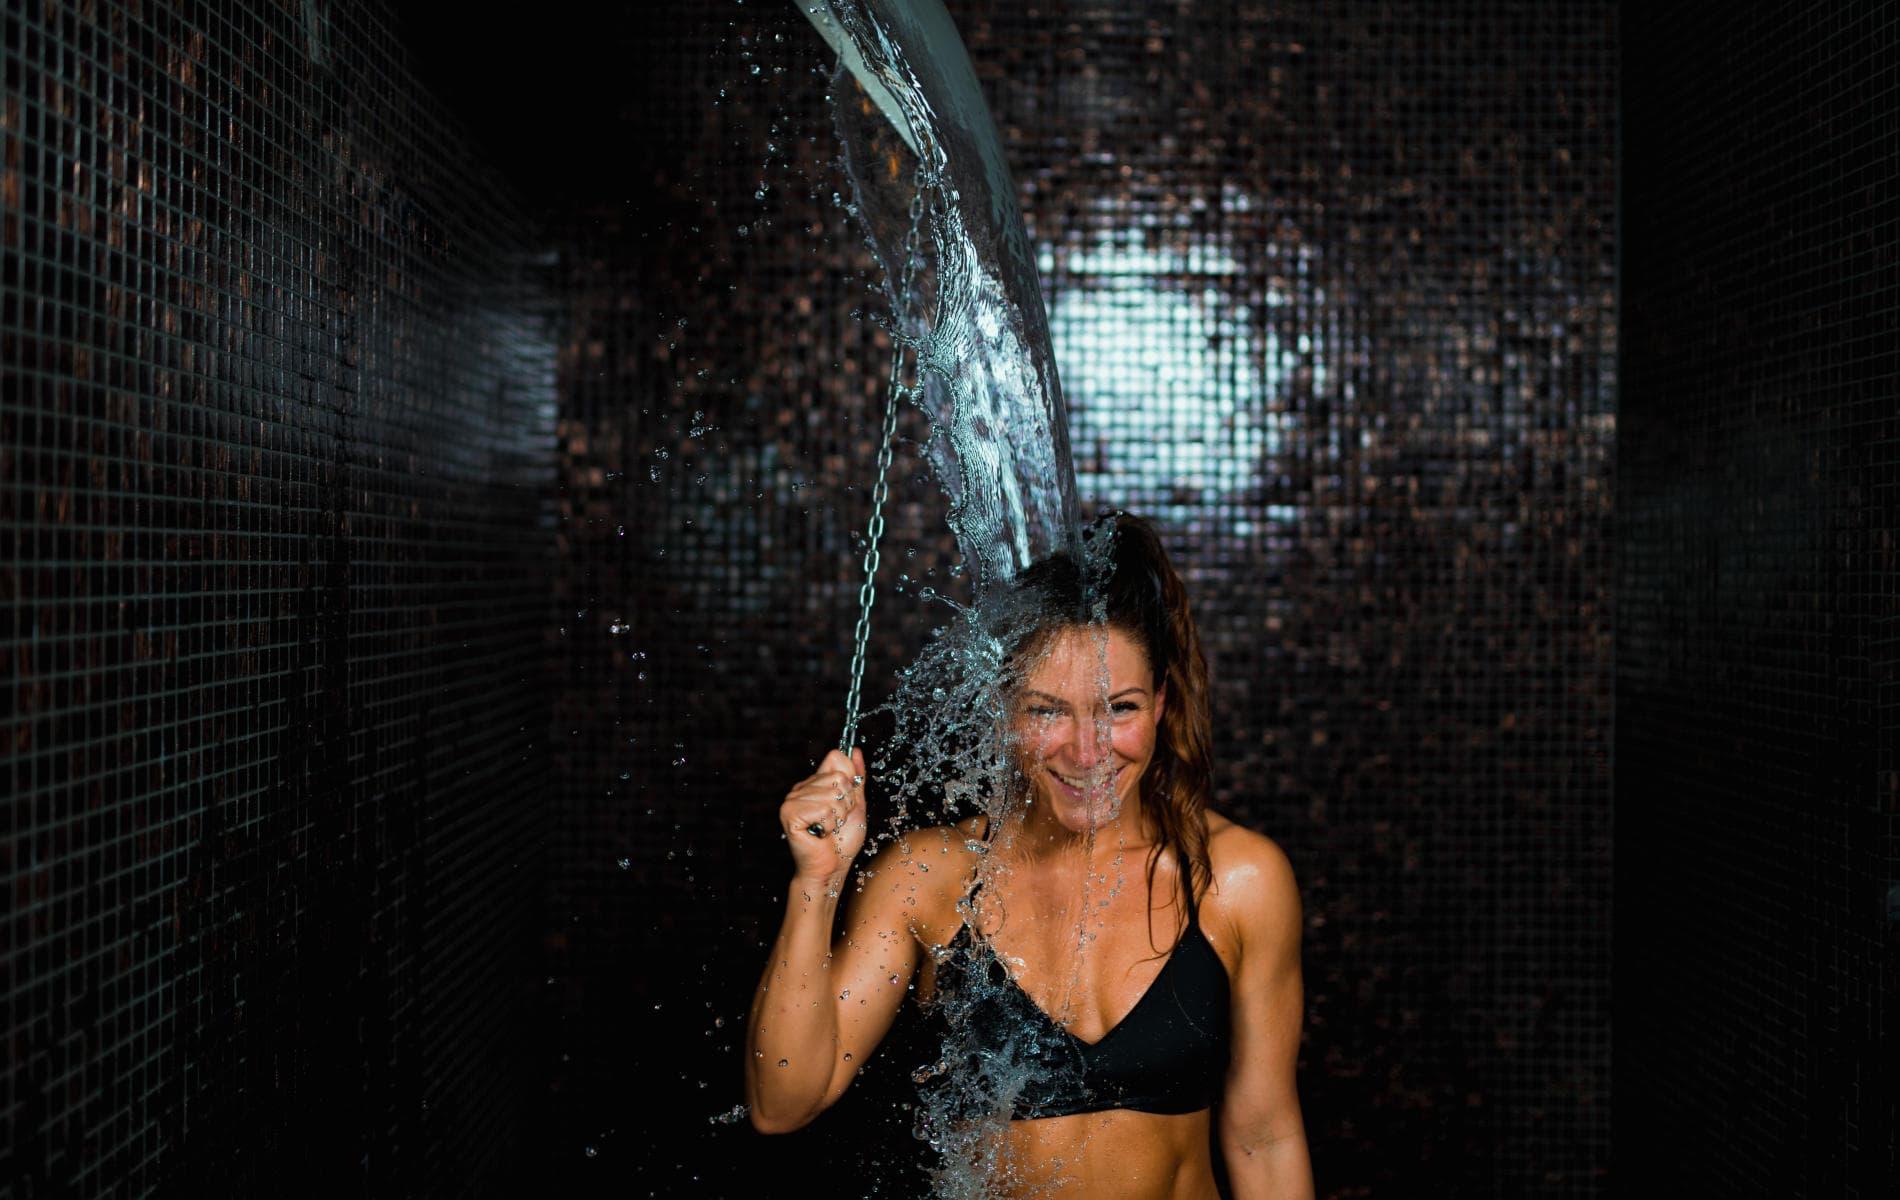 Kalt duschen für bessere Laune, ein gestärktes Immunsystem und Lösung gegen Müdigkeit - Biohacking Bad Dürrheim